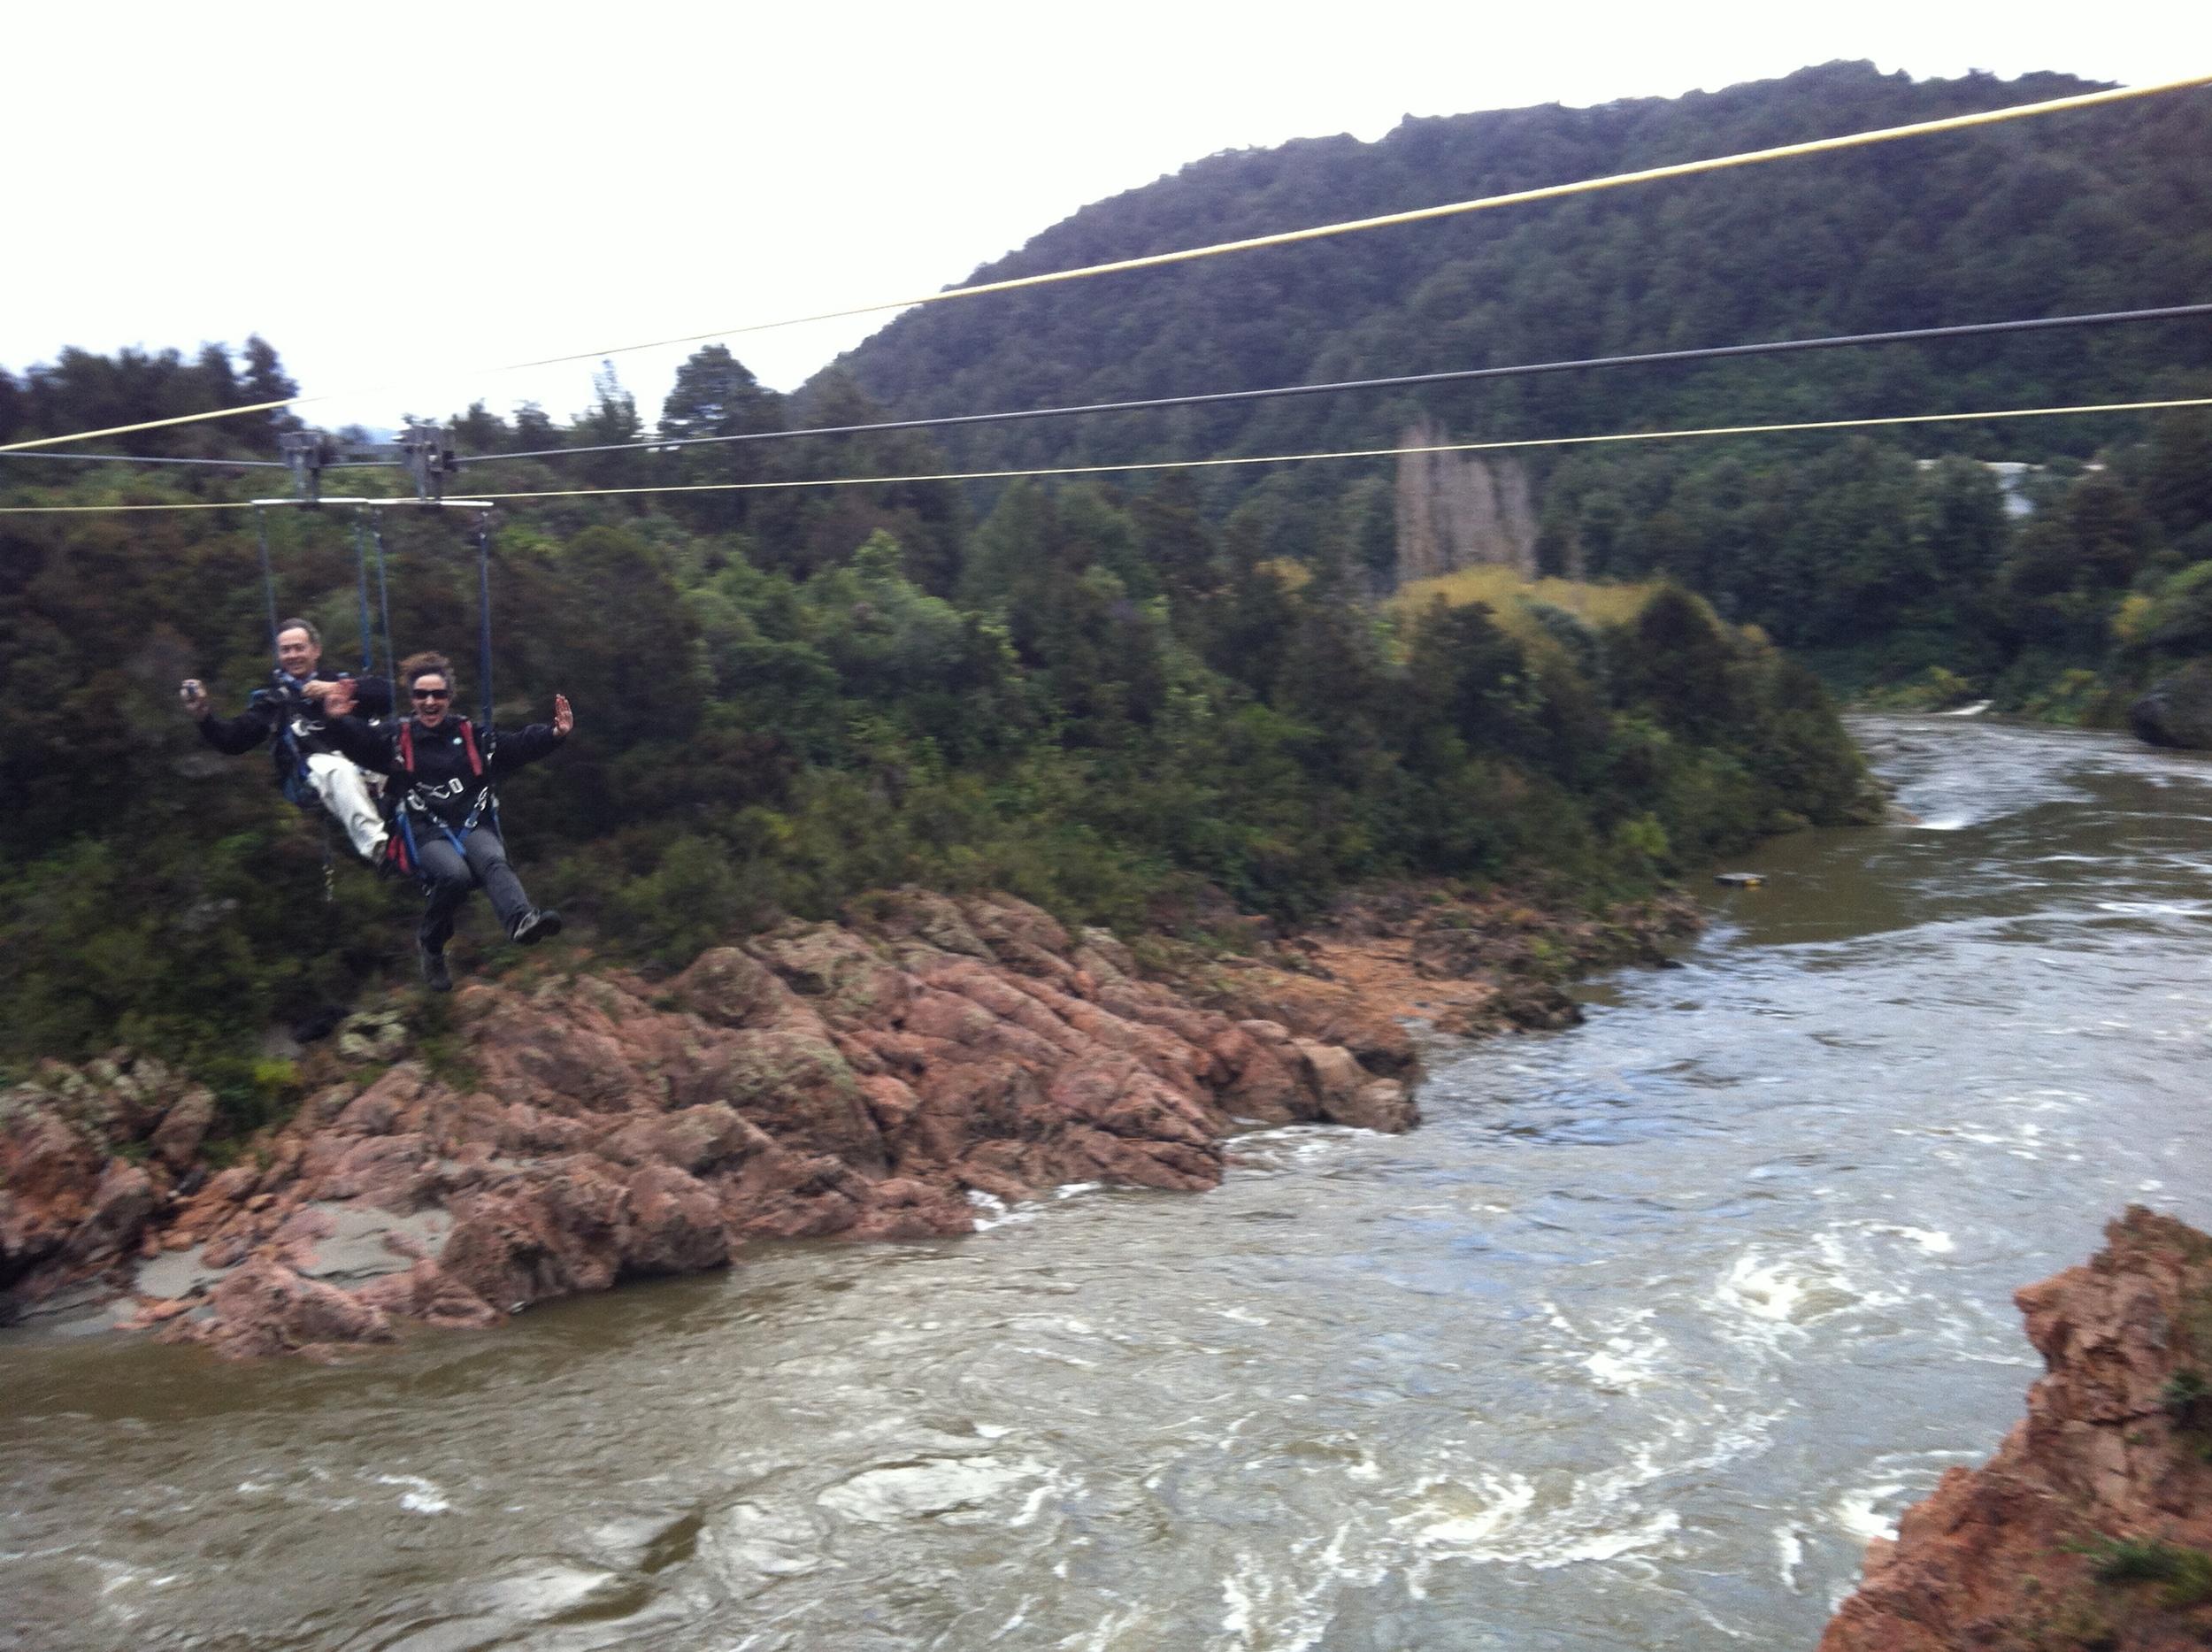 My parents zip lining across New Zealand's longest swing bridge.